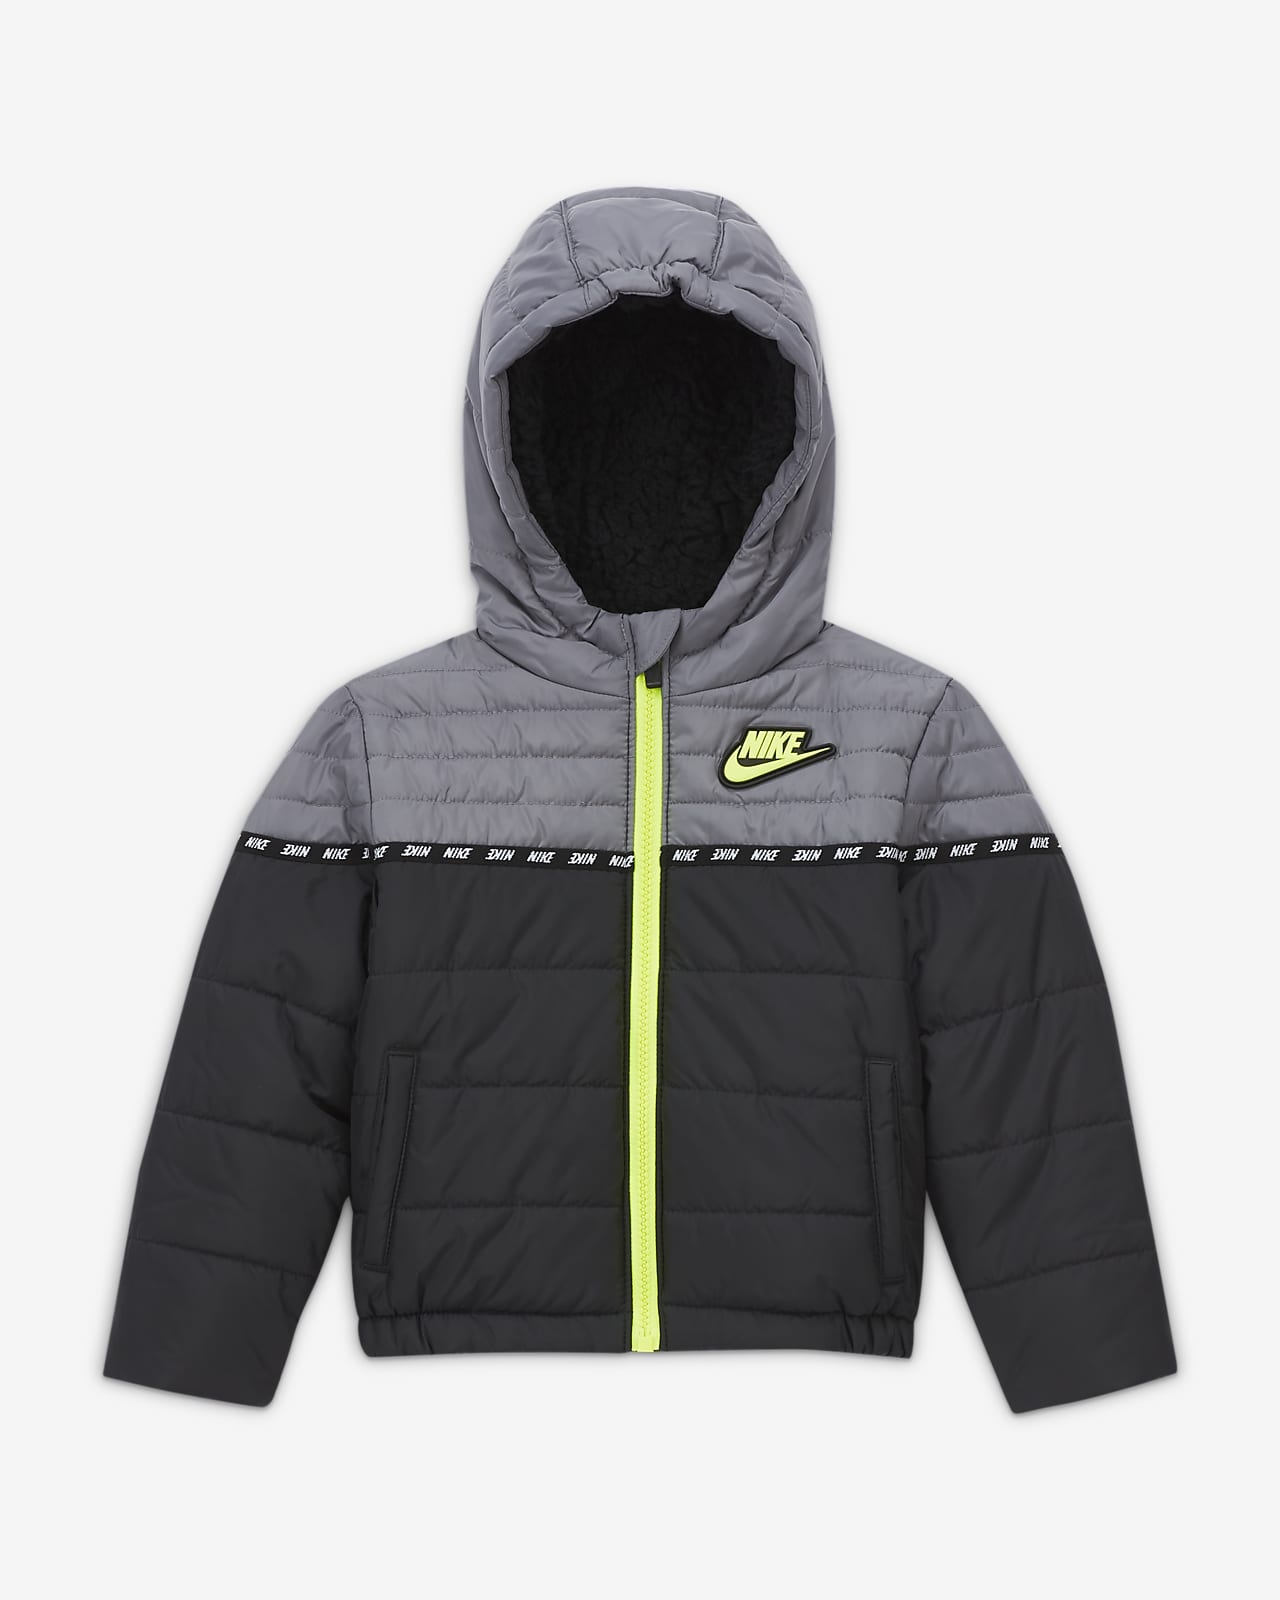 Nike-dynejakke til babyer (12-24 M)